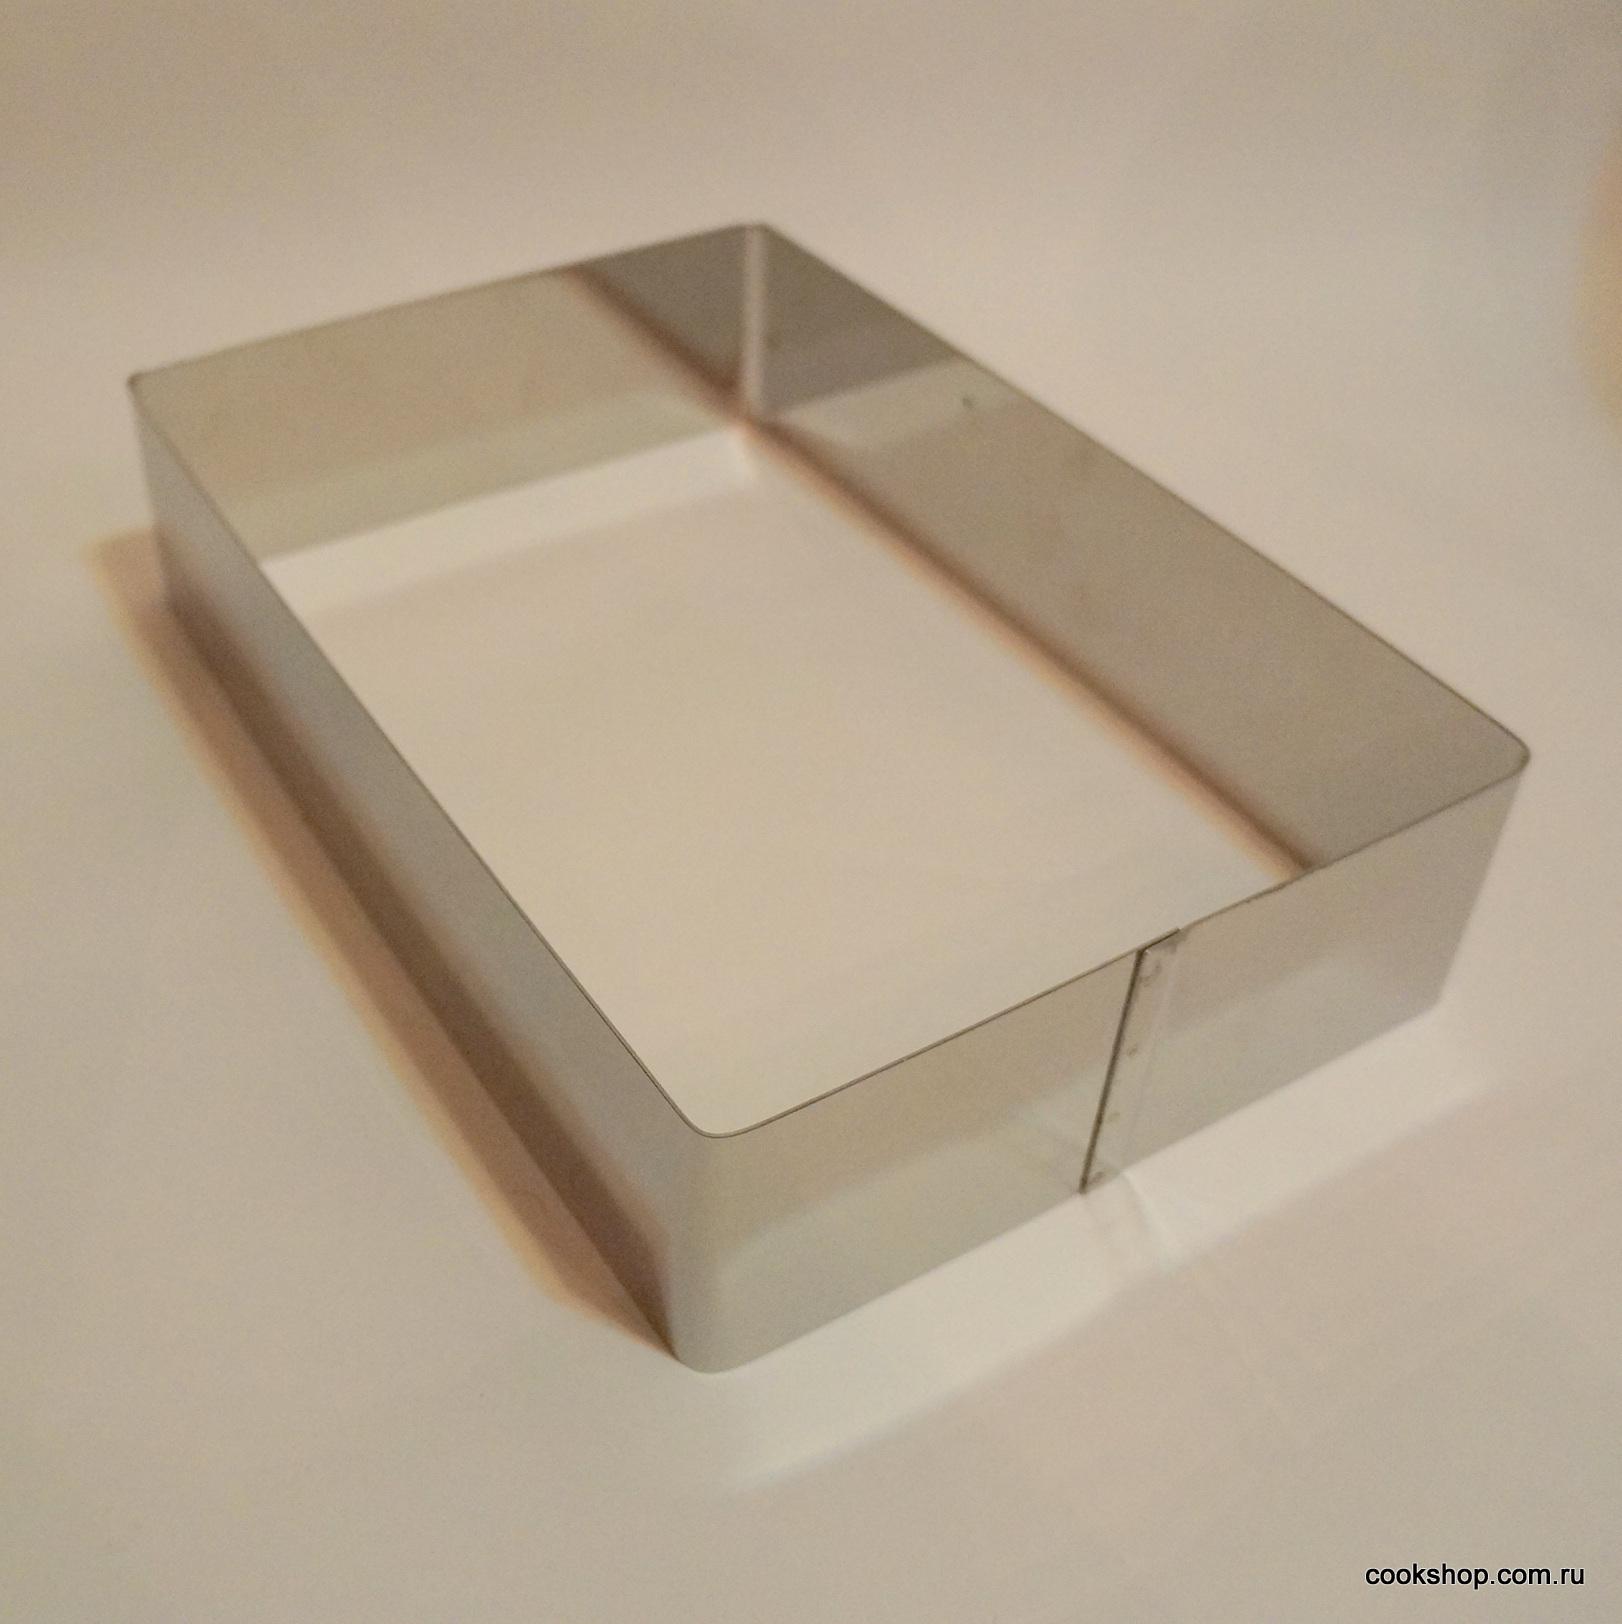 Форма металлическая Прямоугольник, 200*300*70мм